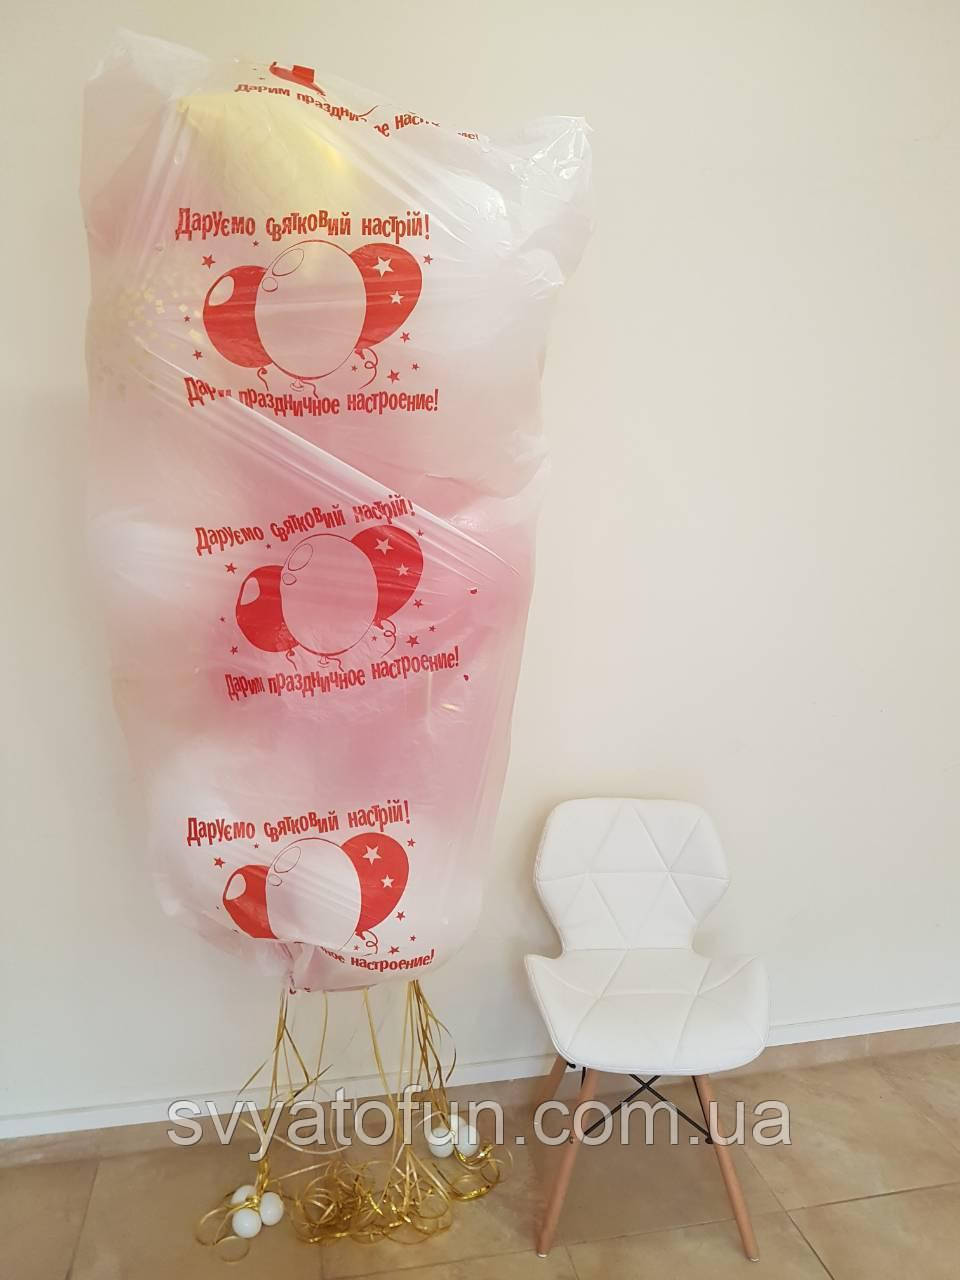 Мешок для транспортировки надутых шаров 320л